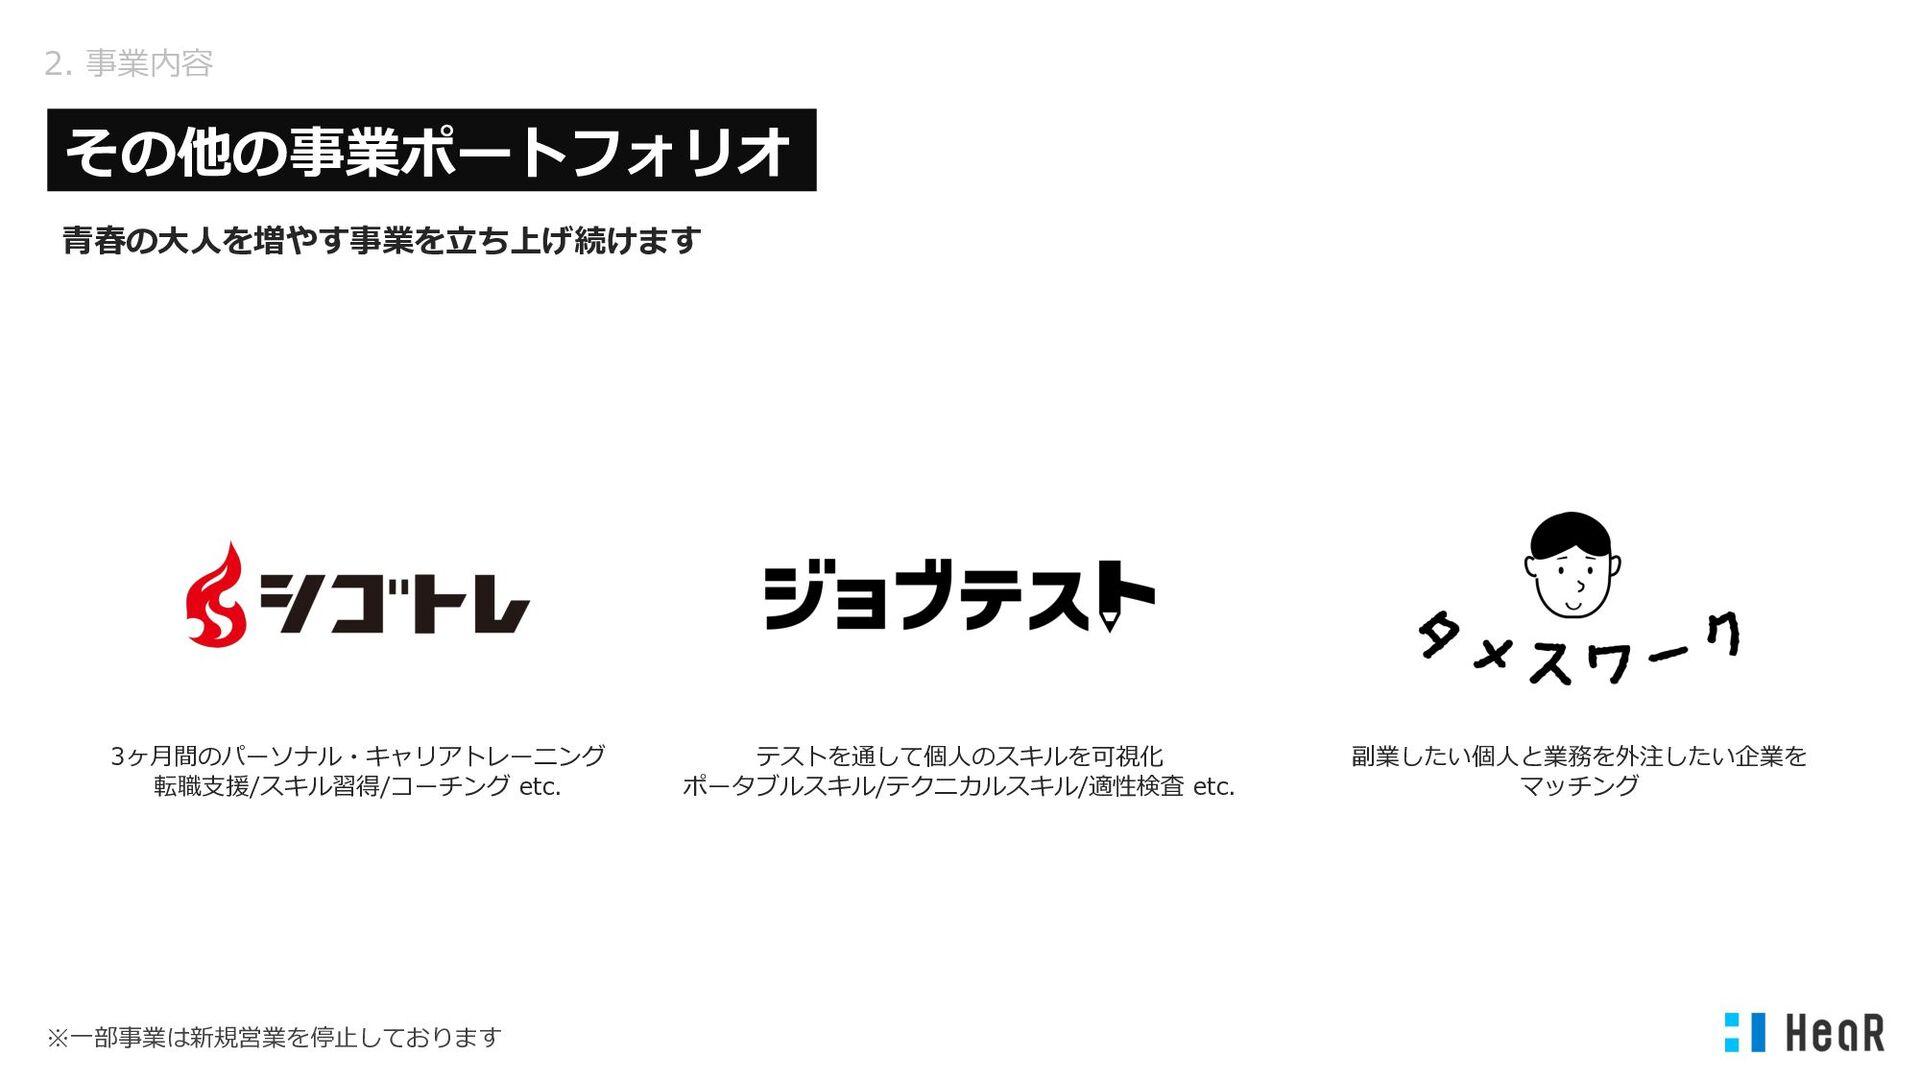 2. 事業紹介 – シゴトレ 新しく⽣まれた市場にbetする RIZAPを⽪切りに多くの「無形...